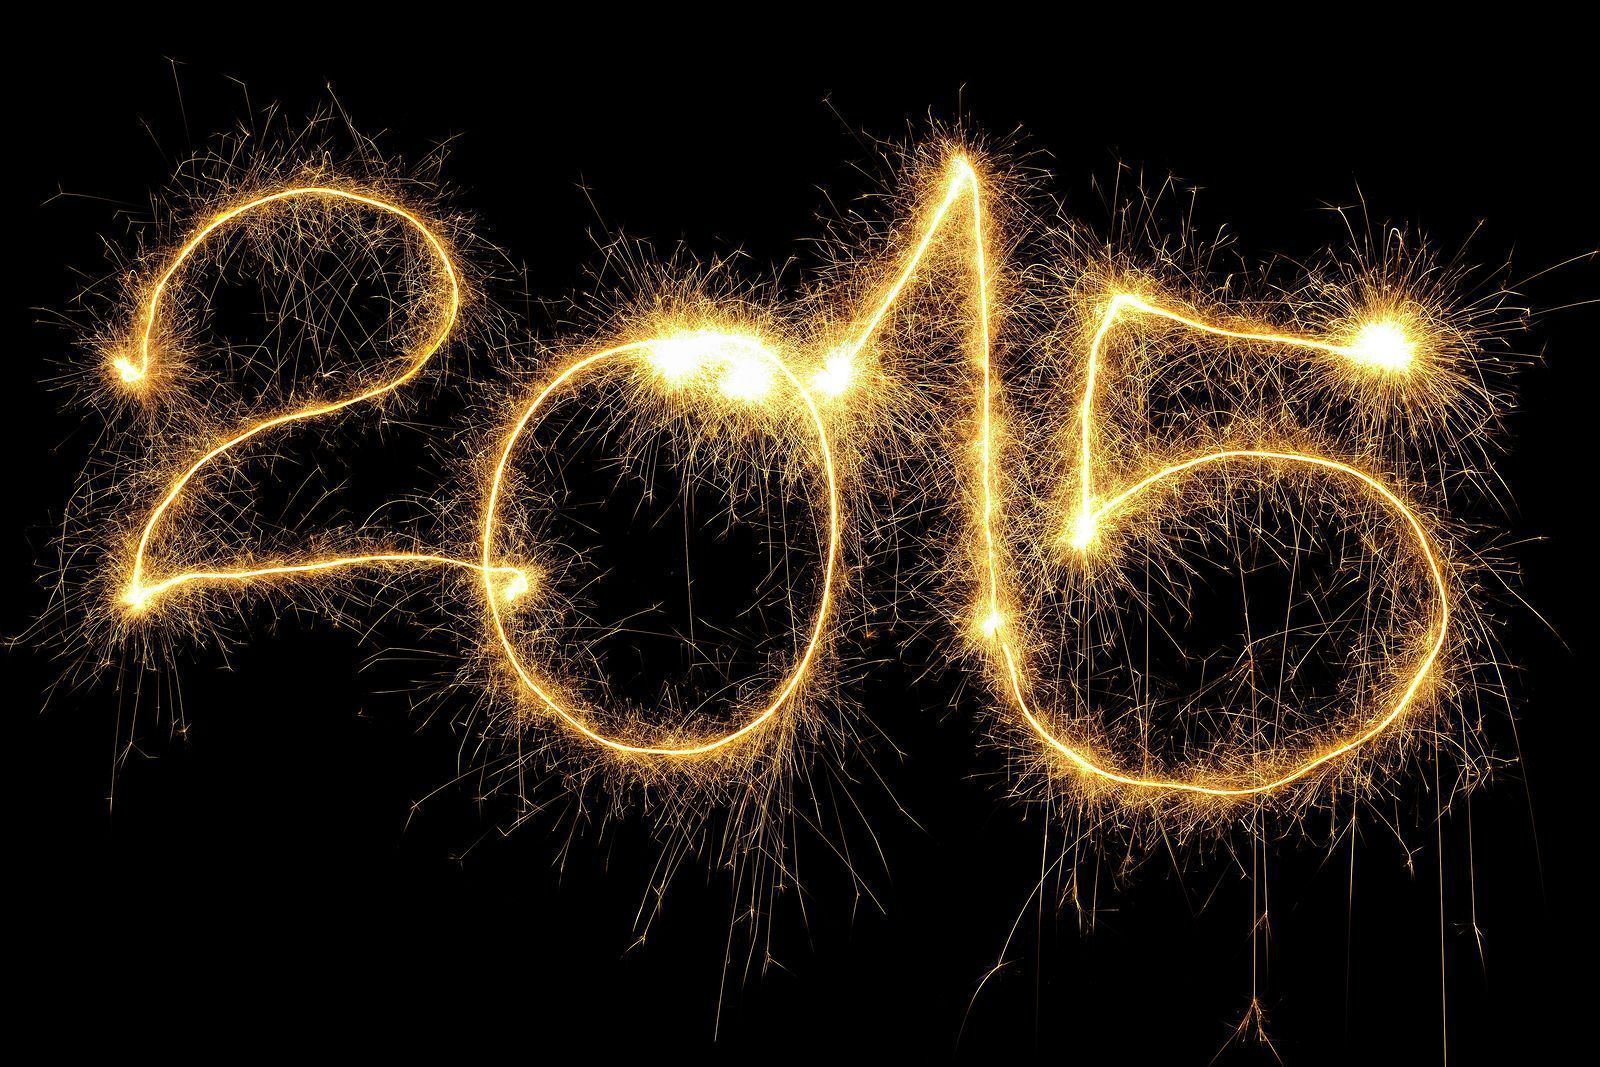 صور الاحتفالات بليلة رأس السنة الجديدة 2015